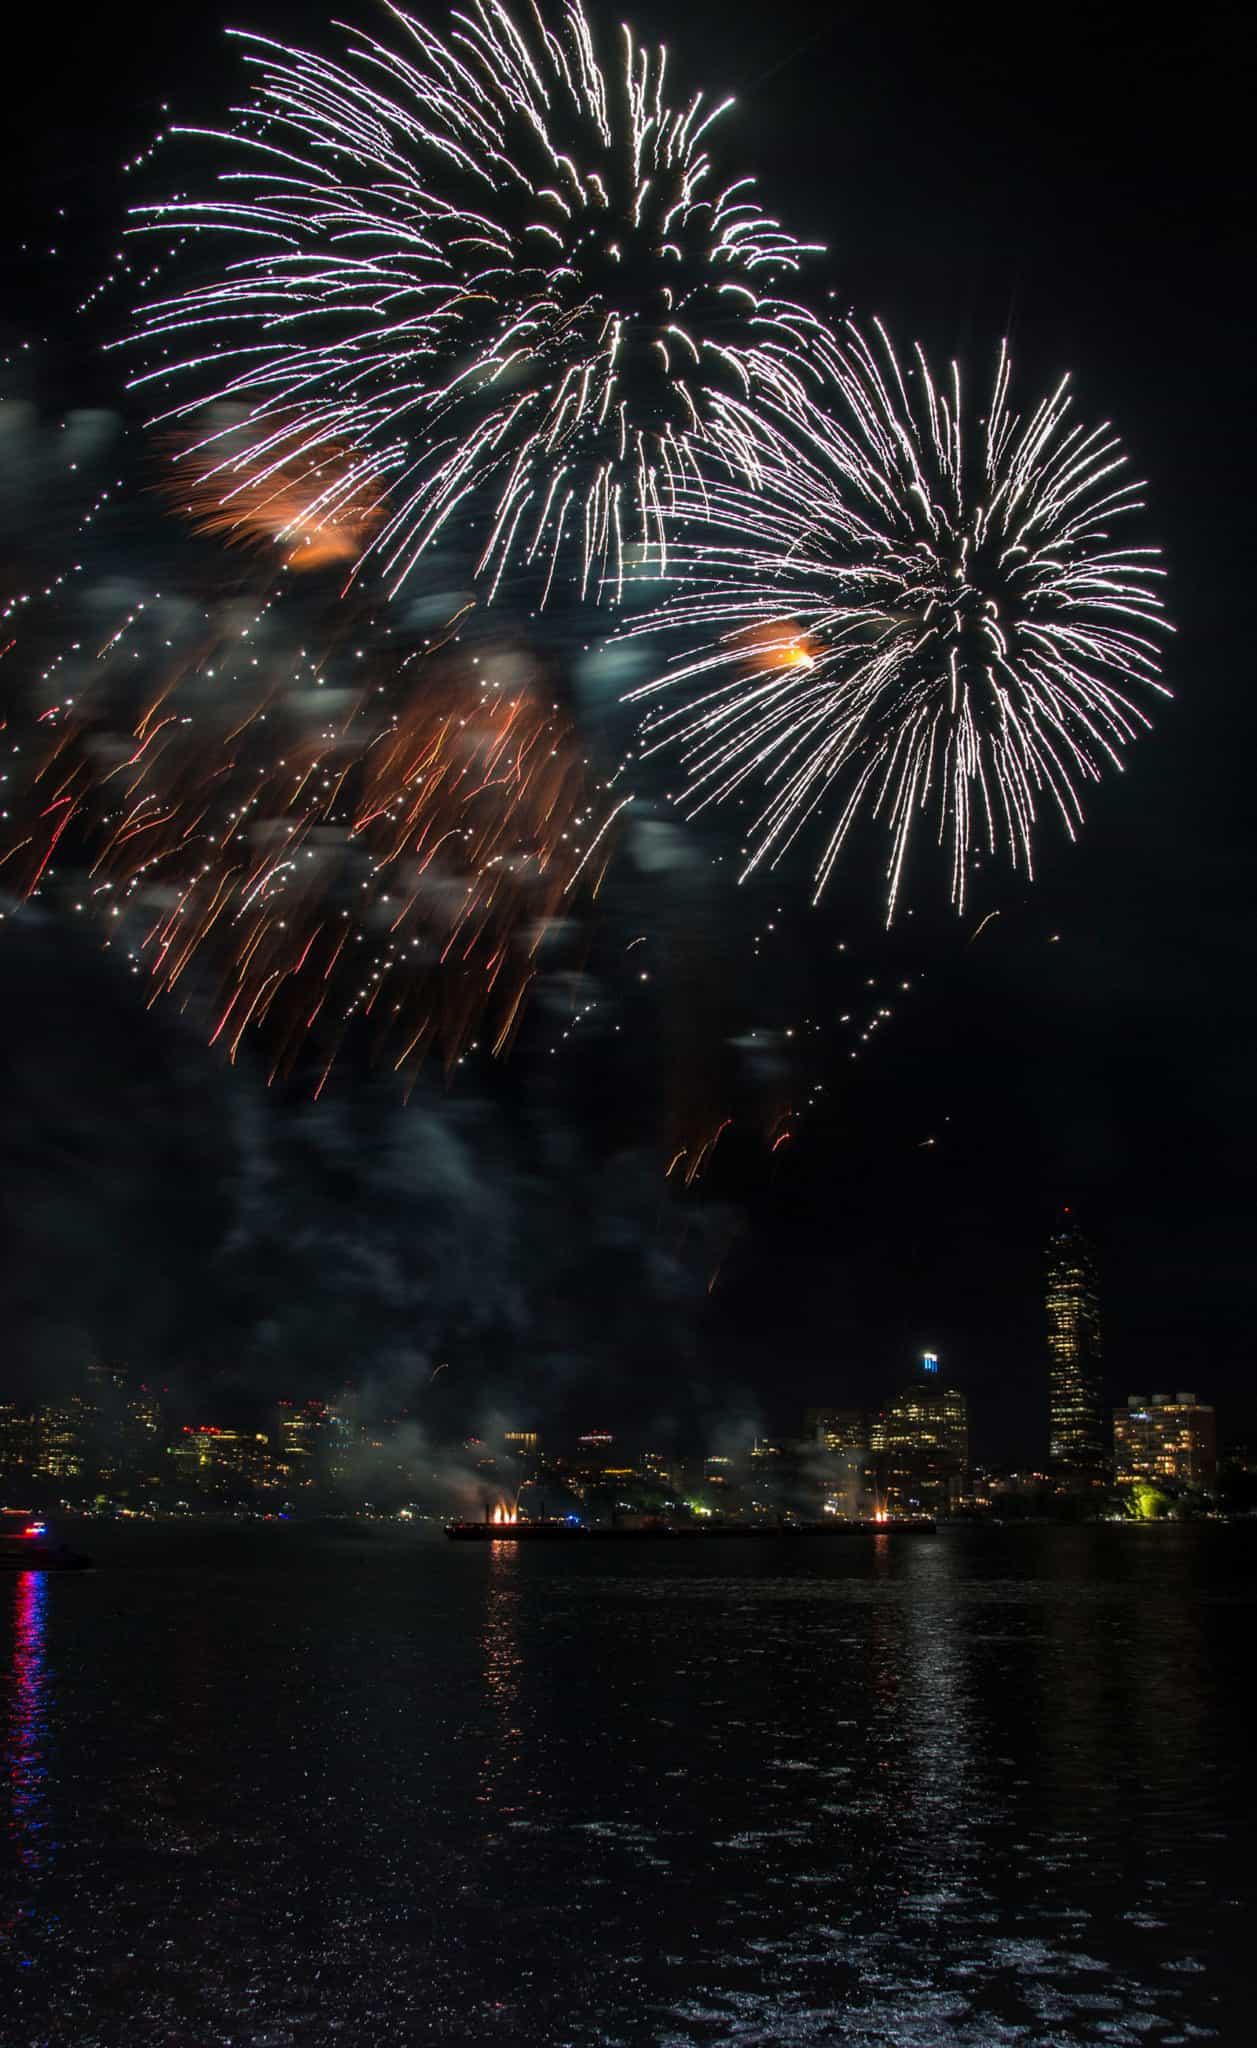 Massachusetts Fireworks - Boston Pops